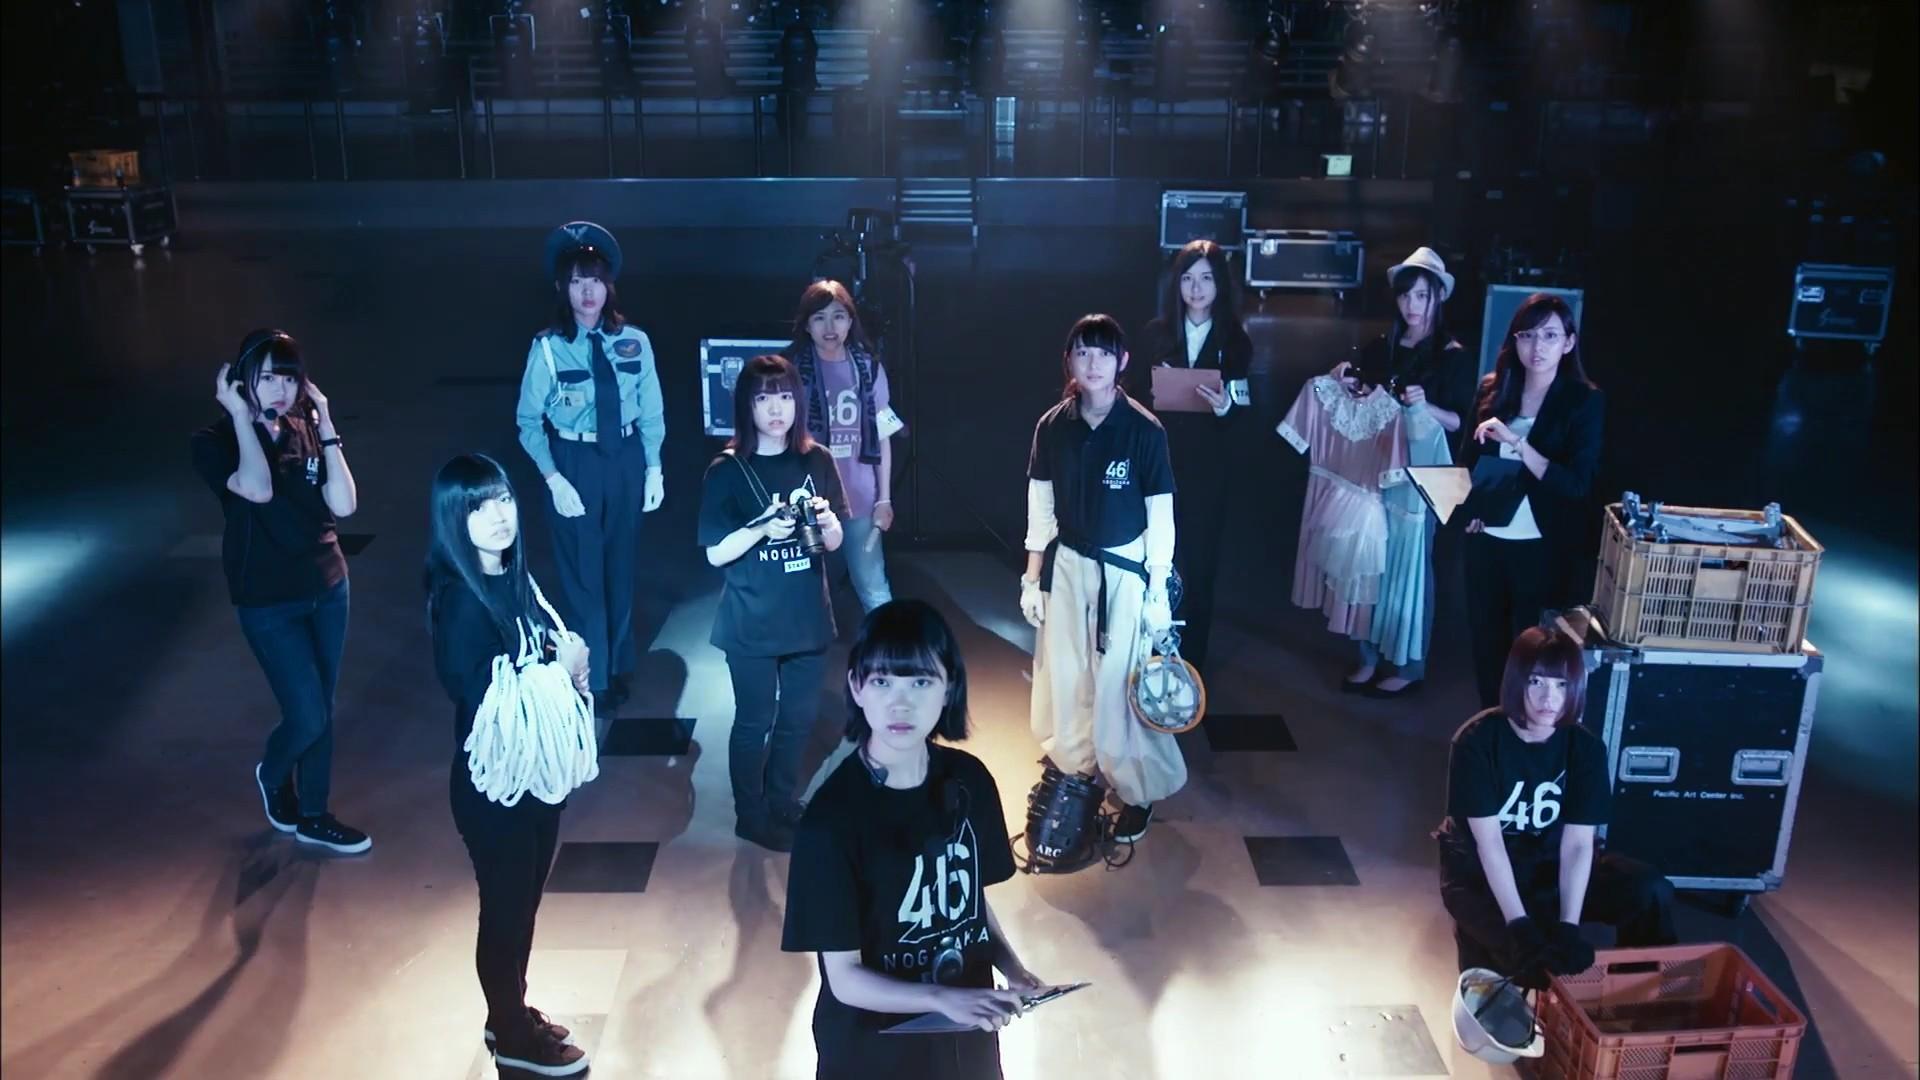 乃木坂46 ライブ神 Pv撮影場所 Fumi Diary 2号店